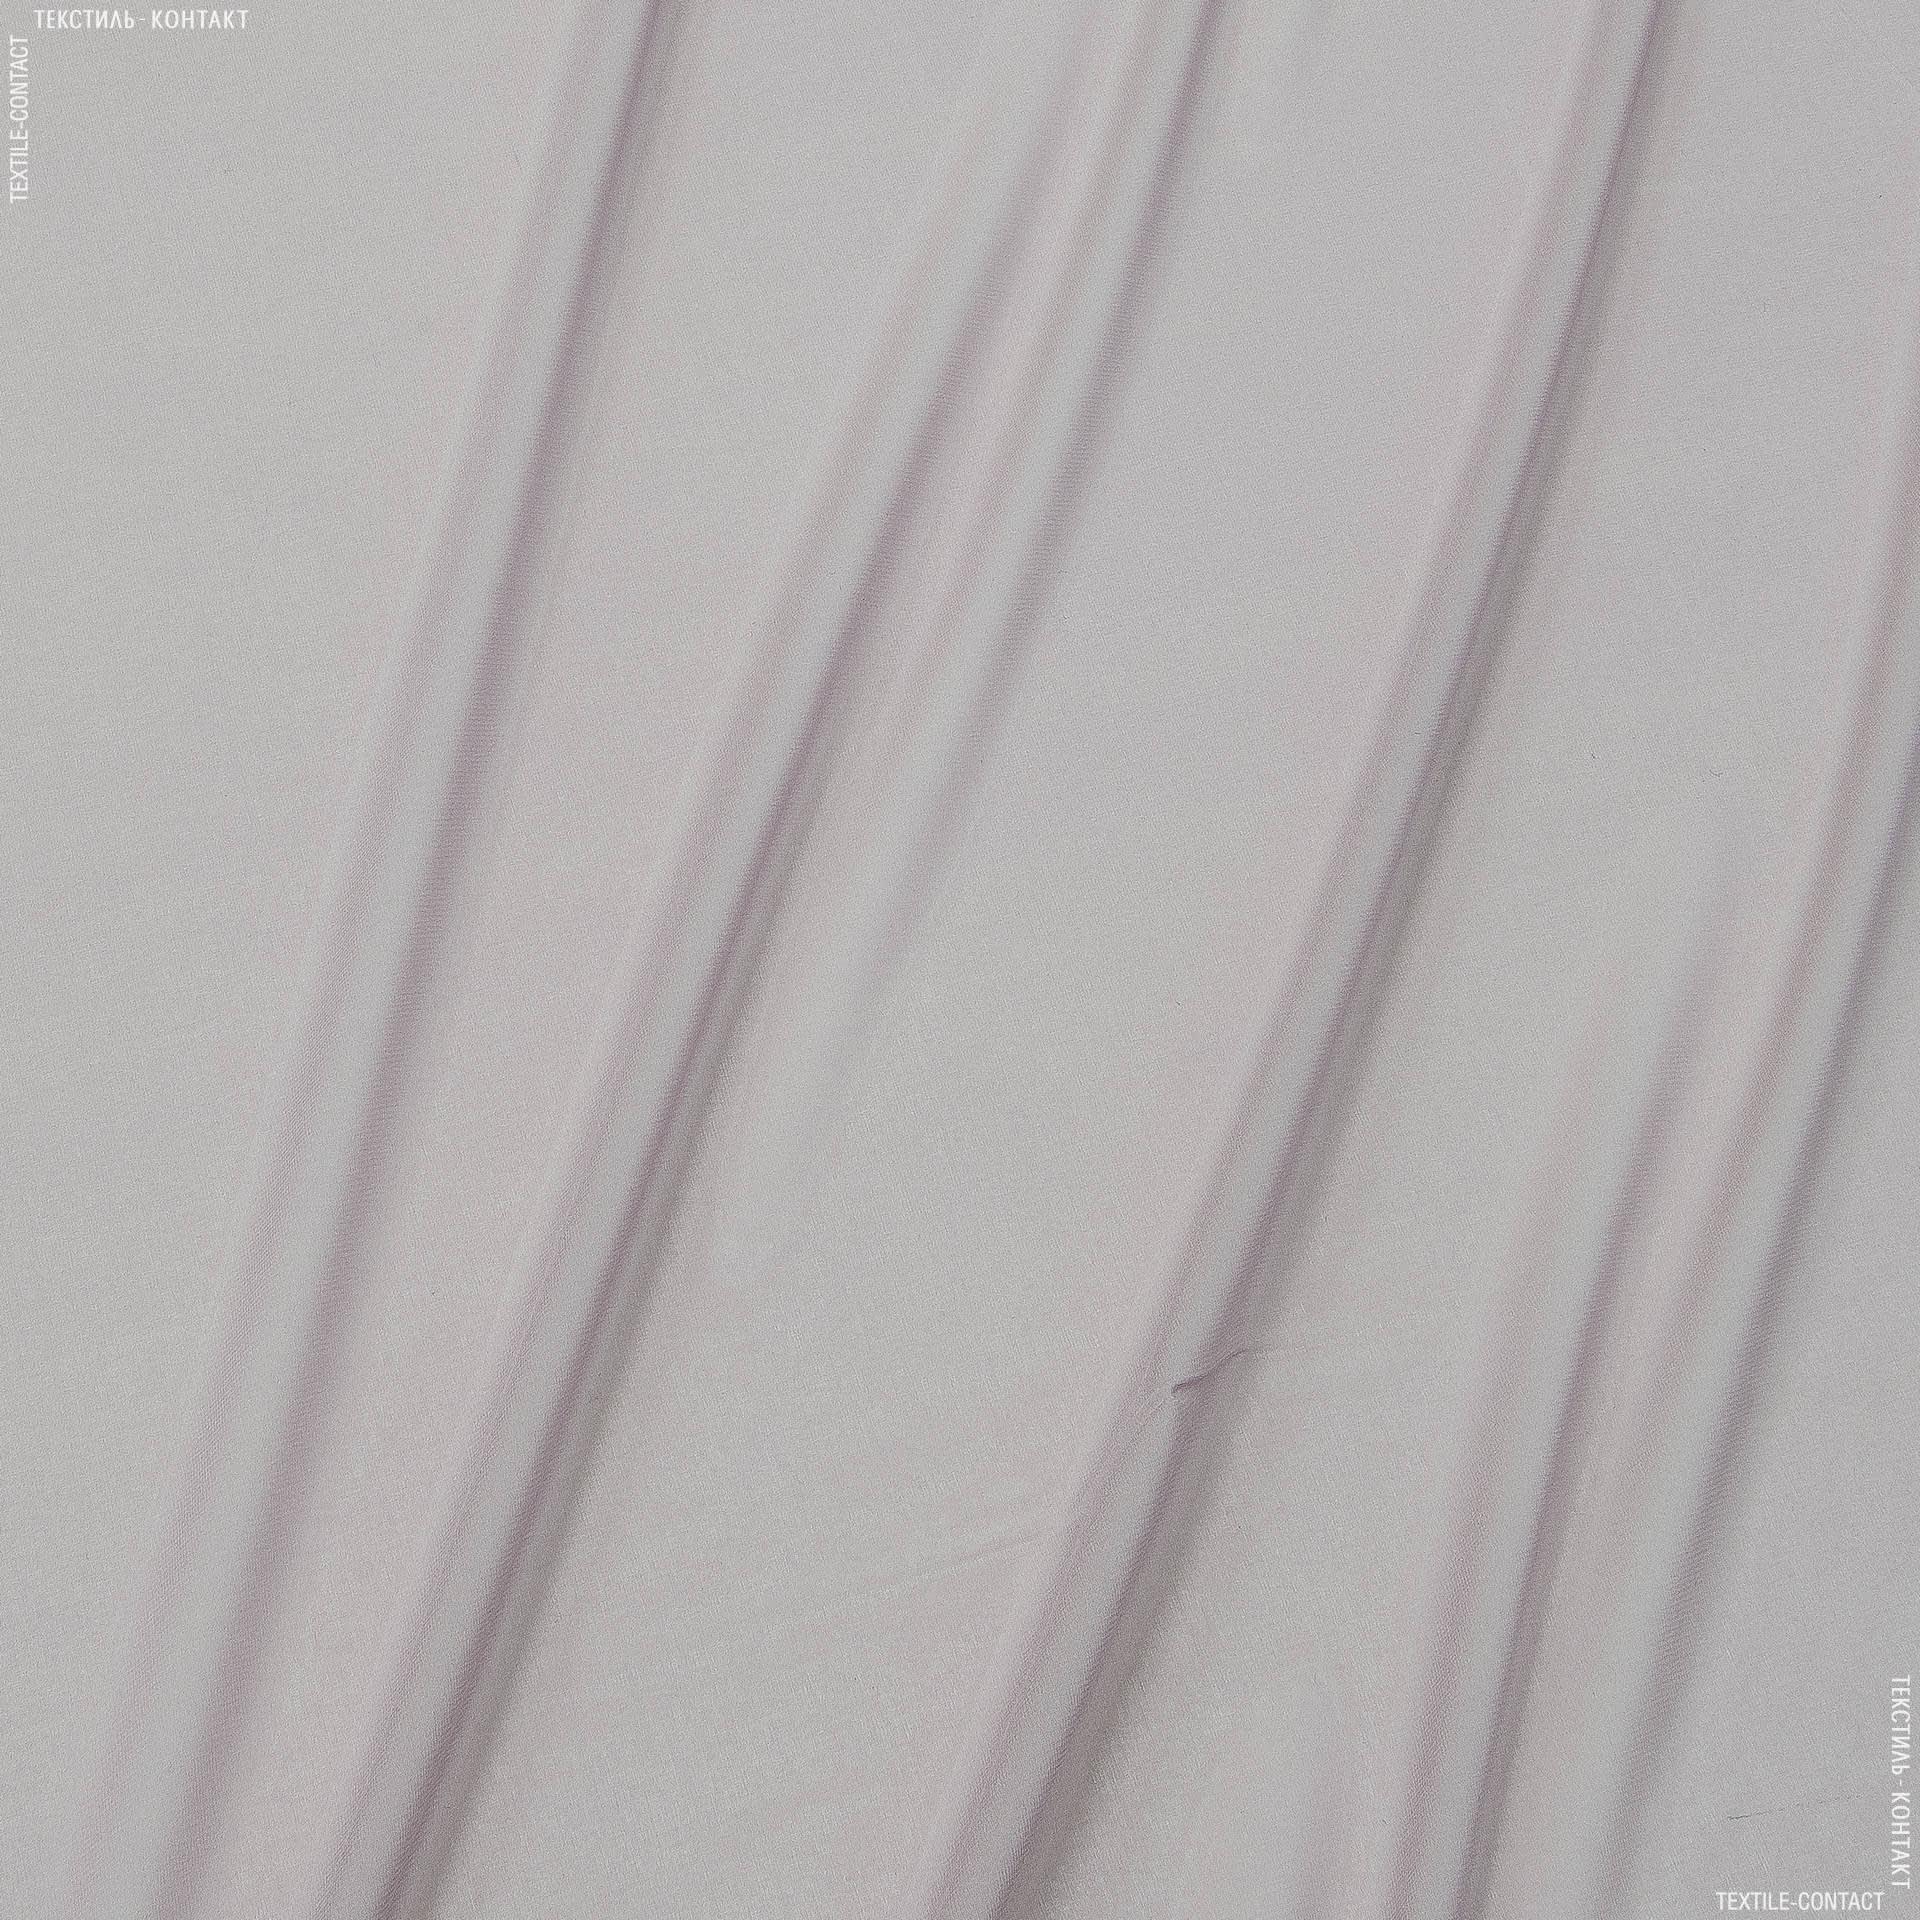 Ткани для платков и бандан - Шифон стрейч фрезовый